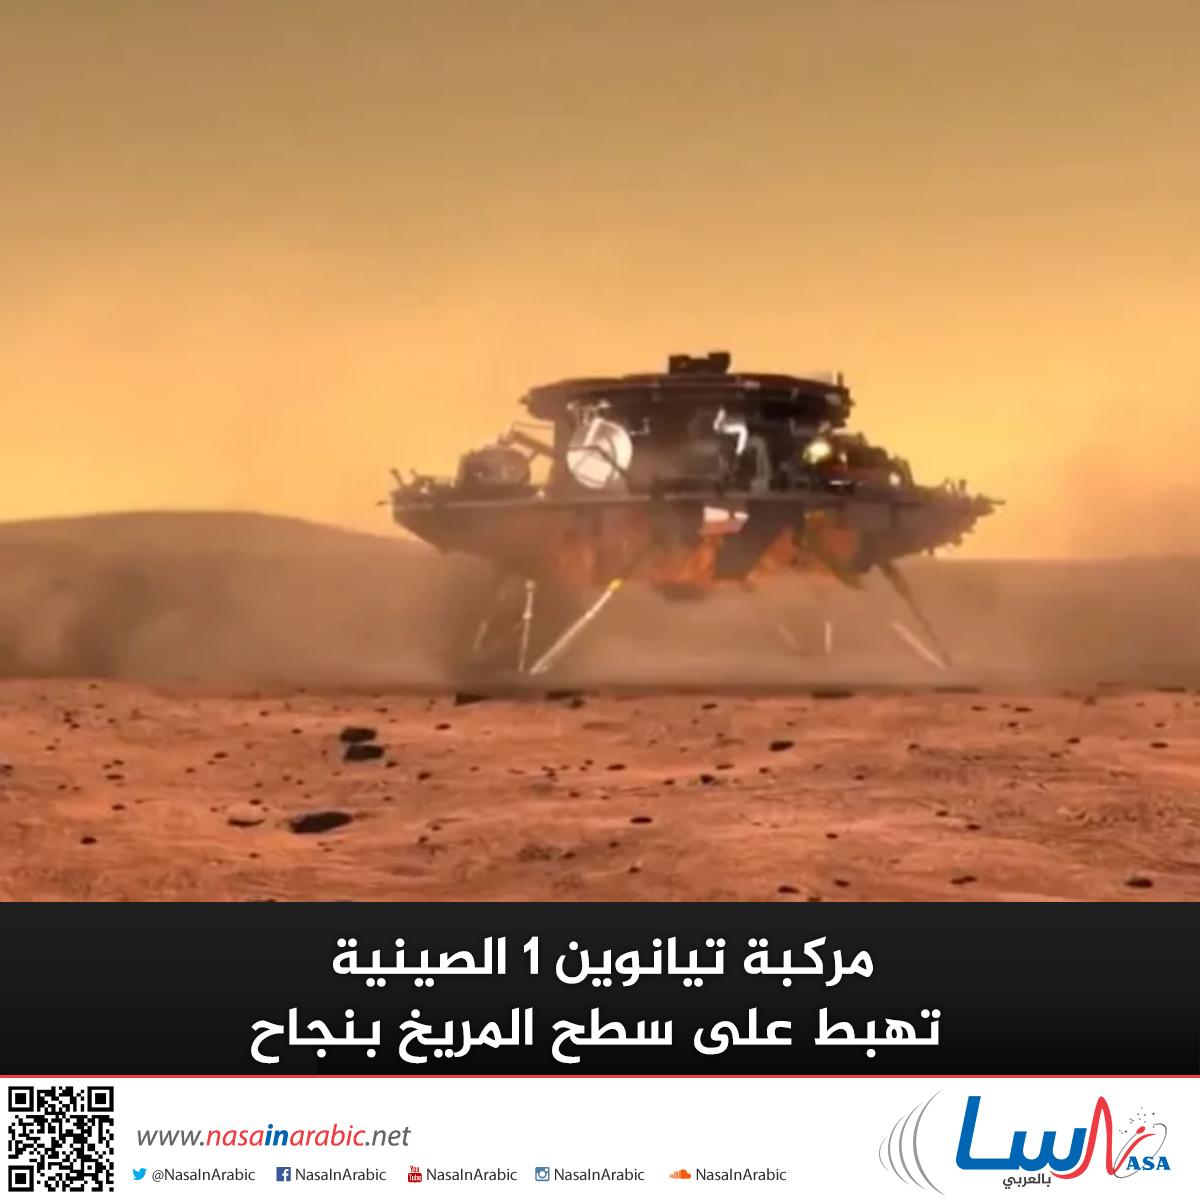 مركبة تيانوين 1 الصينية تهبط على سطح المريخ بنجاح